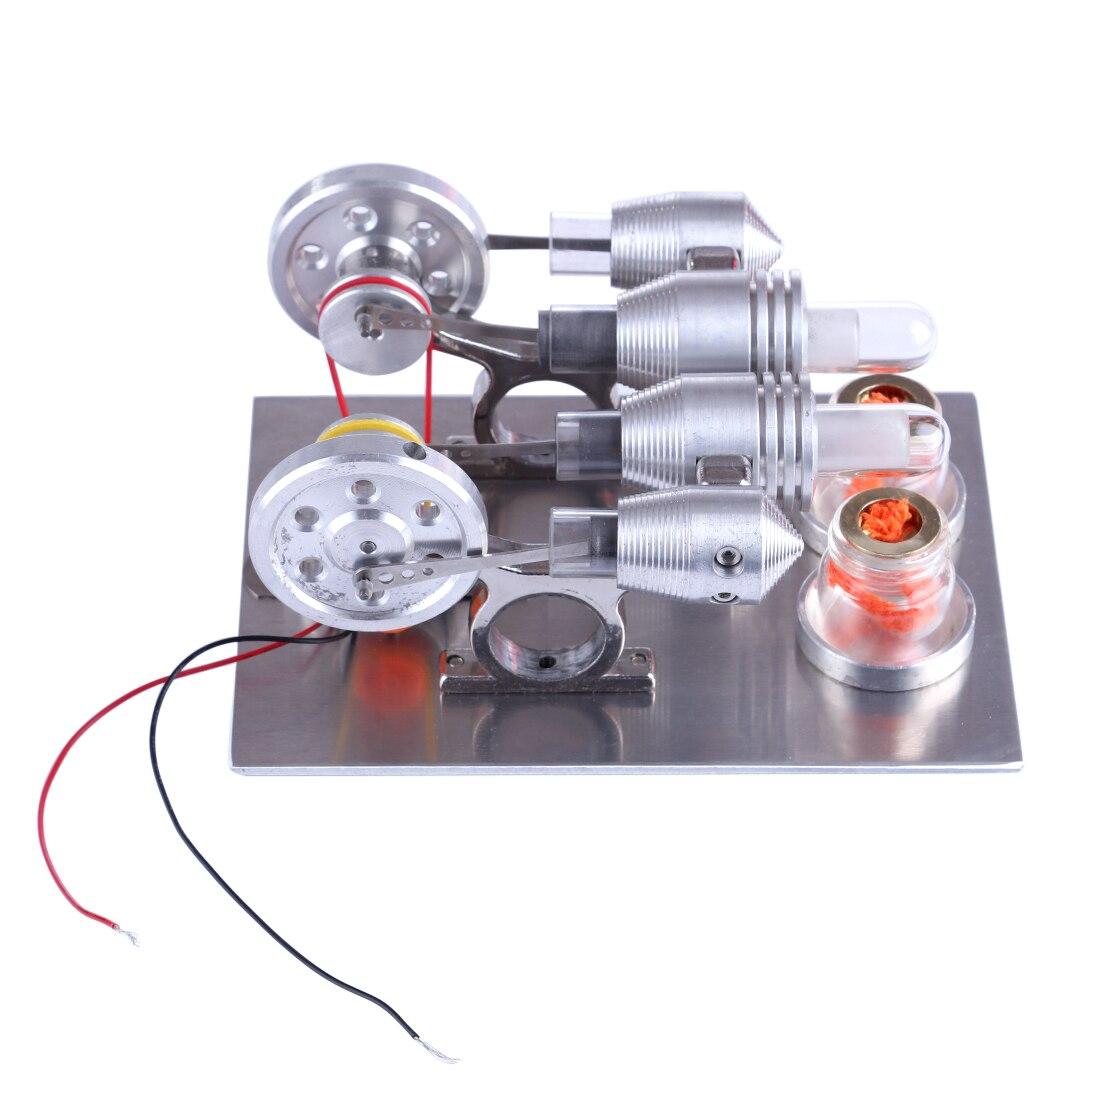 Jouet d'expérimentation Sciencal physique de modèle de moteur d'agitation de Double cylindre pour le Kit éducatif d'apprentissage d'étudiant